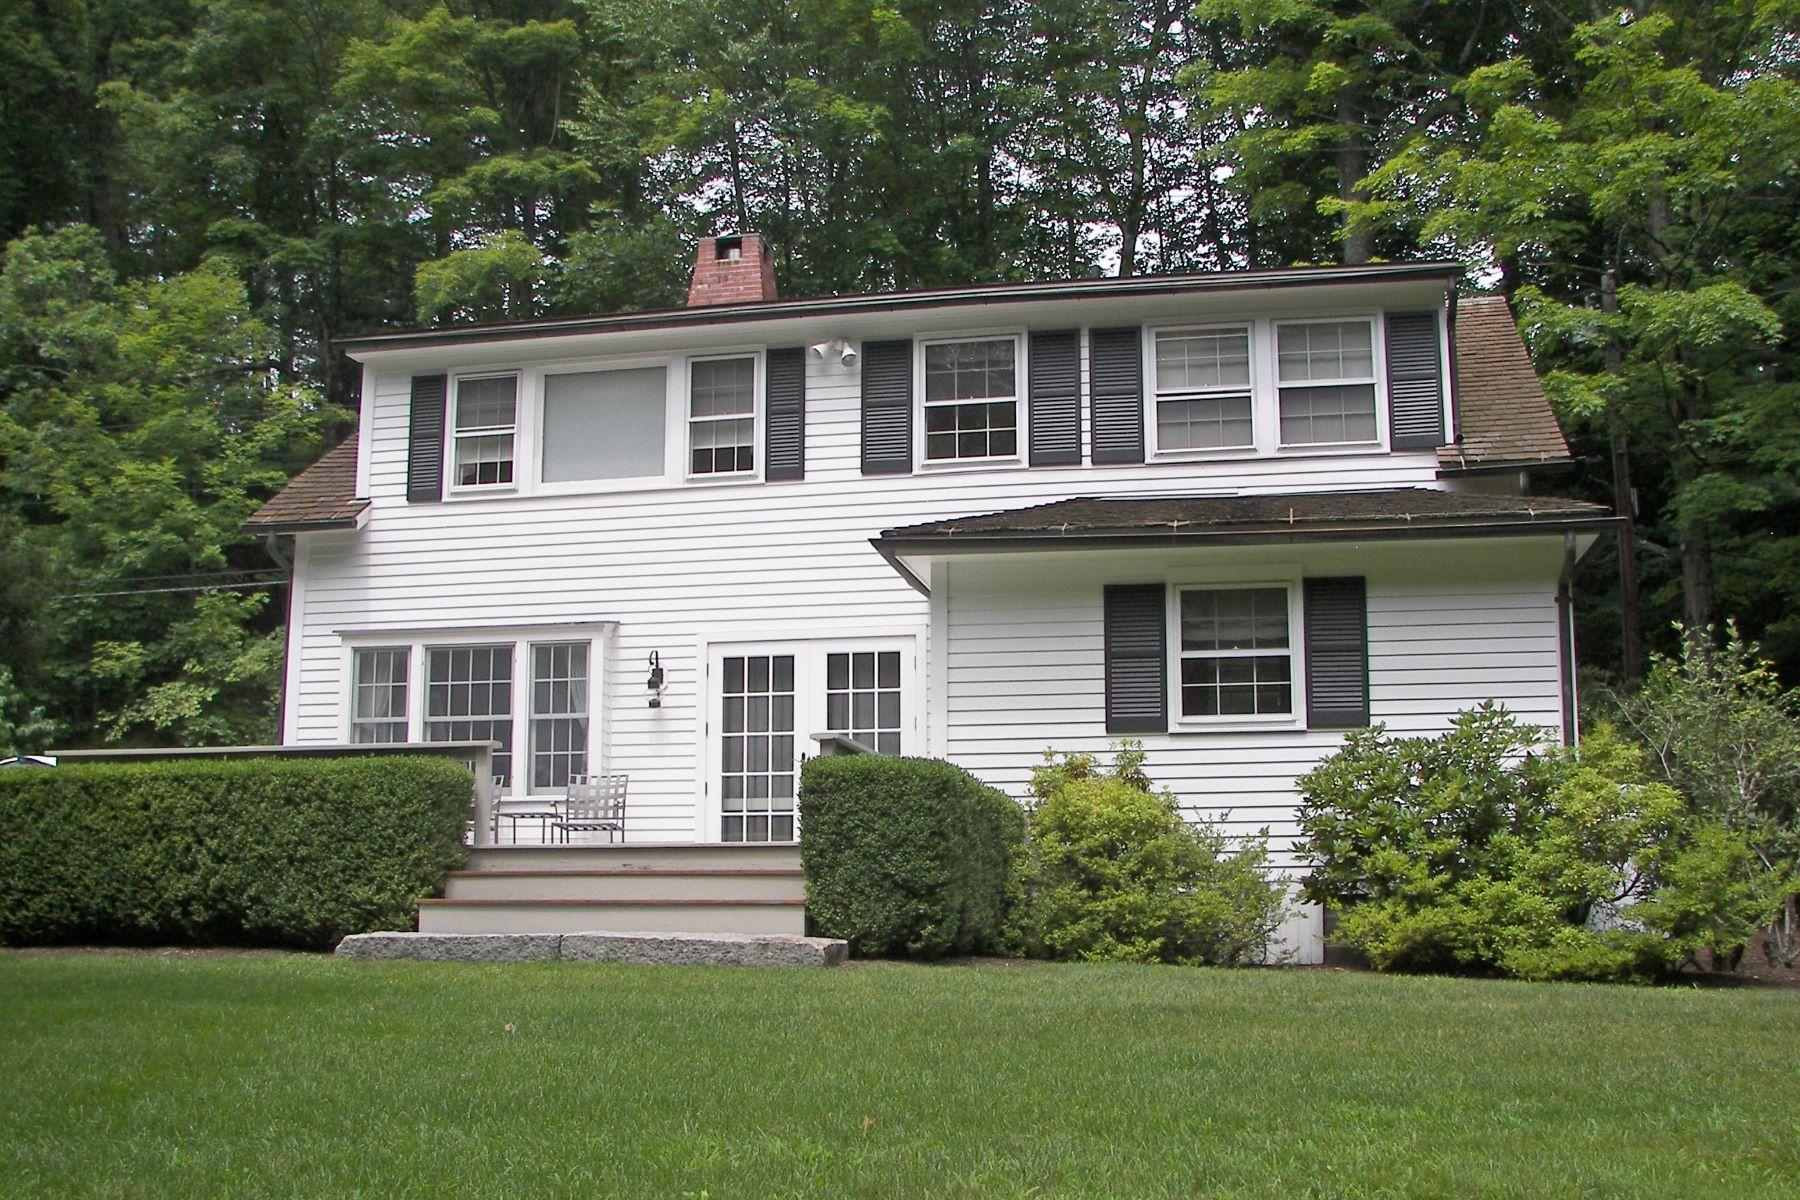 Casa Unifamiliar por un Venta en Jewel Box Colonial 185 West Morris Road, Washington, Connecticut, 06794 Estados Unidos